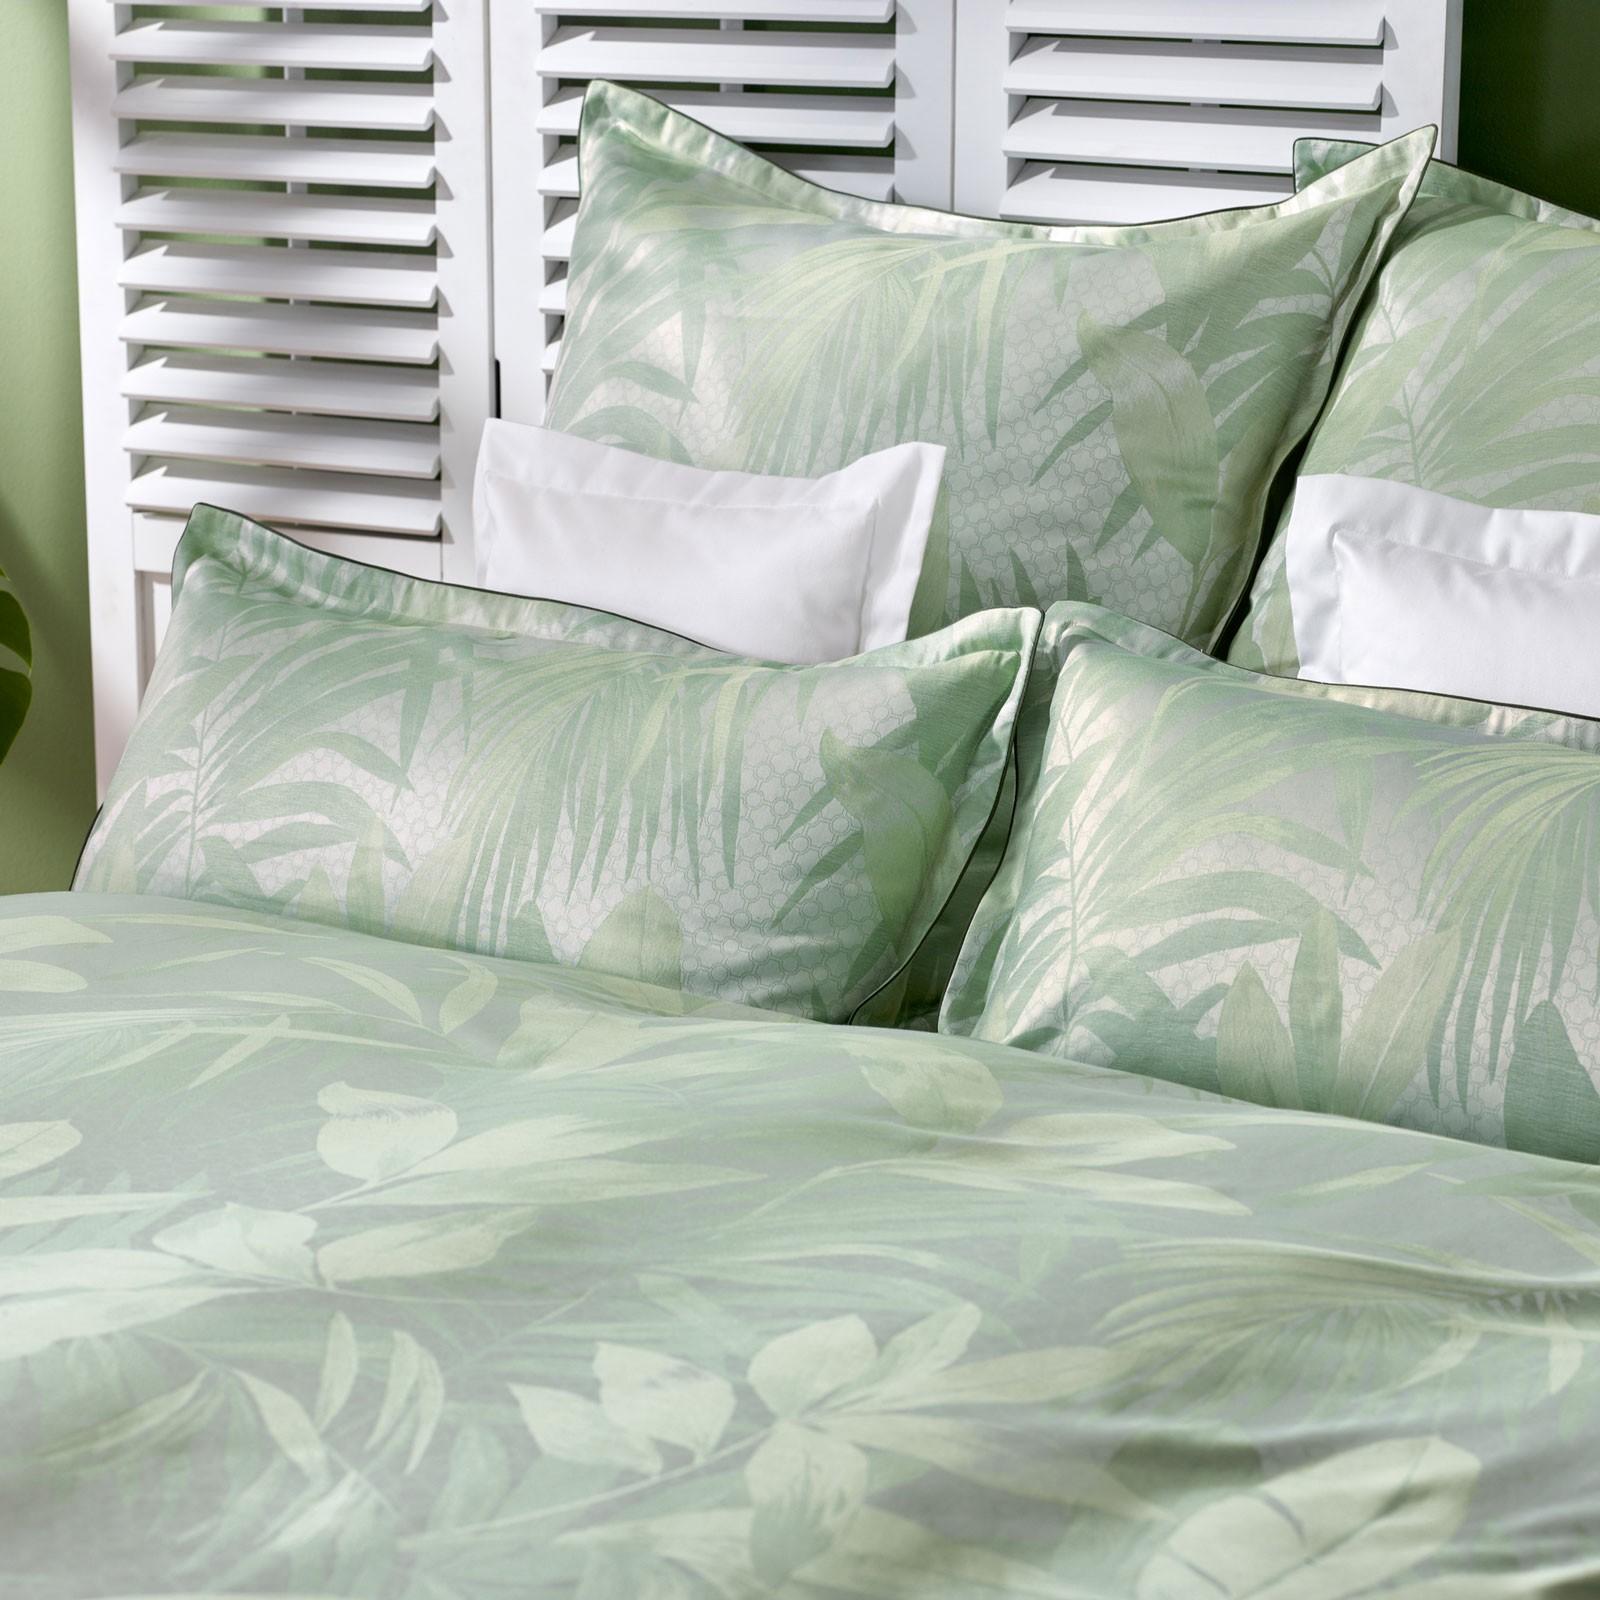 cb bauer bettw sche kleiderschr nke bestellen bettw sche kaufen m nchen monster. Black Bedroom Furniture Sets. Home Design Ideas